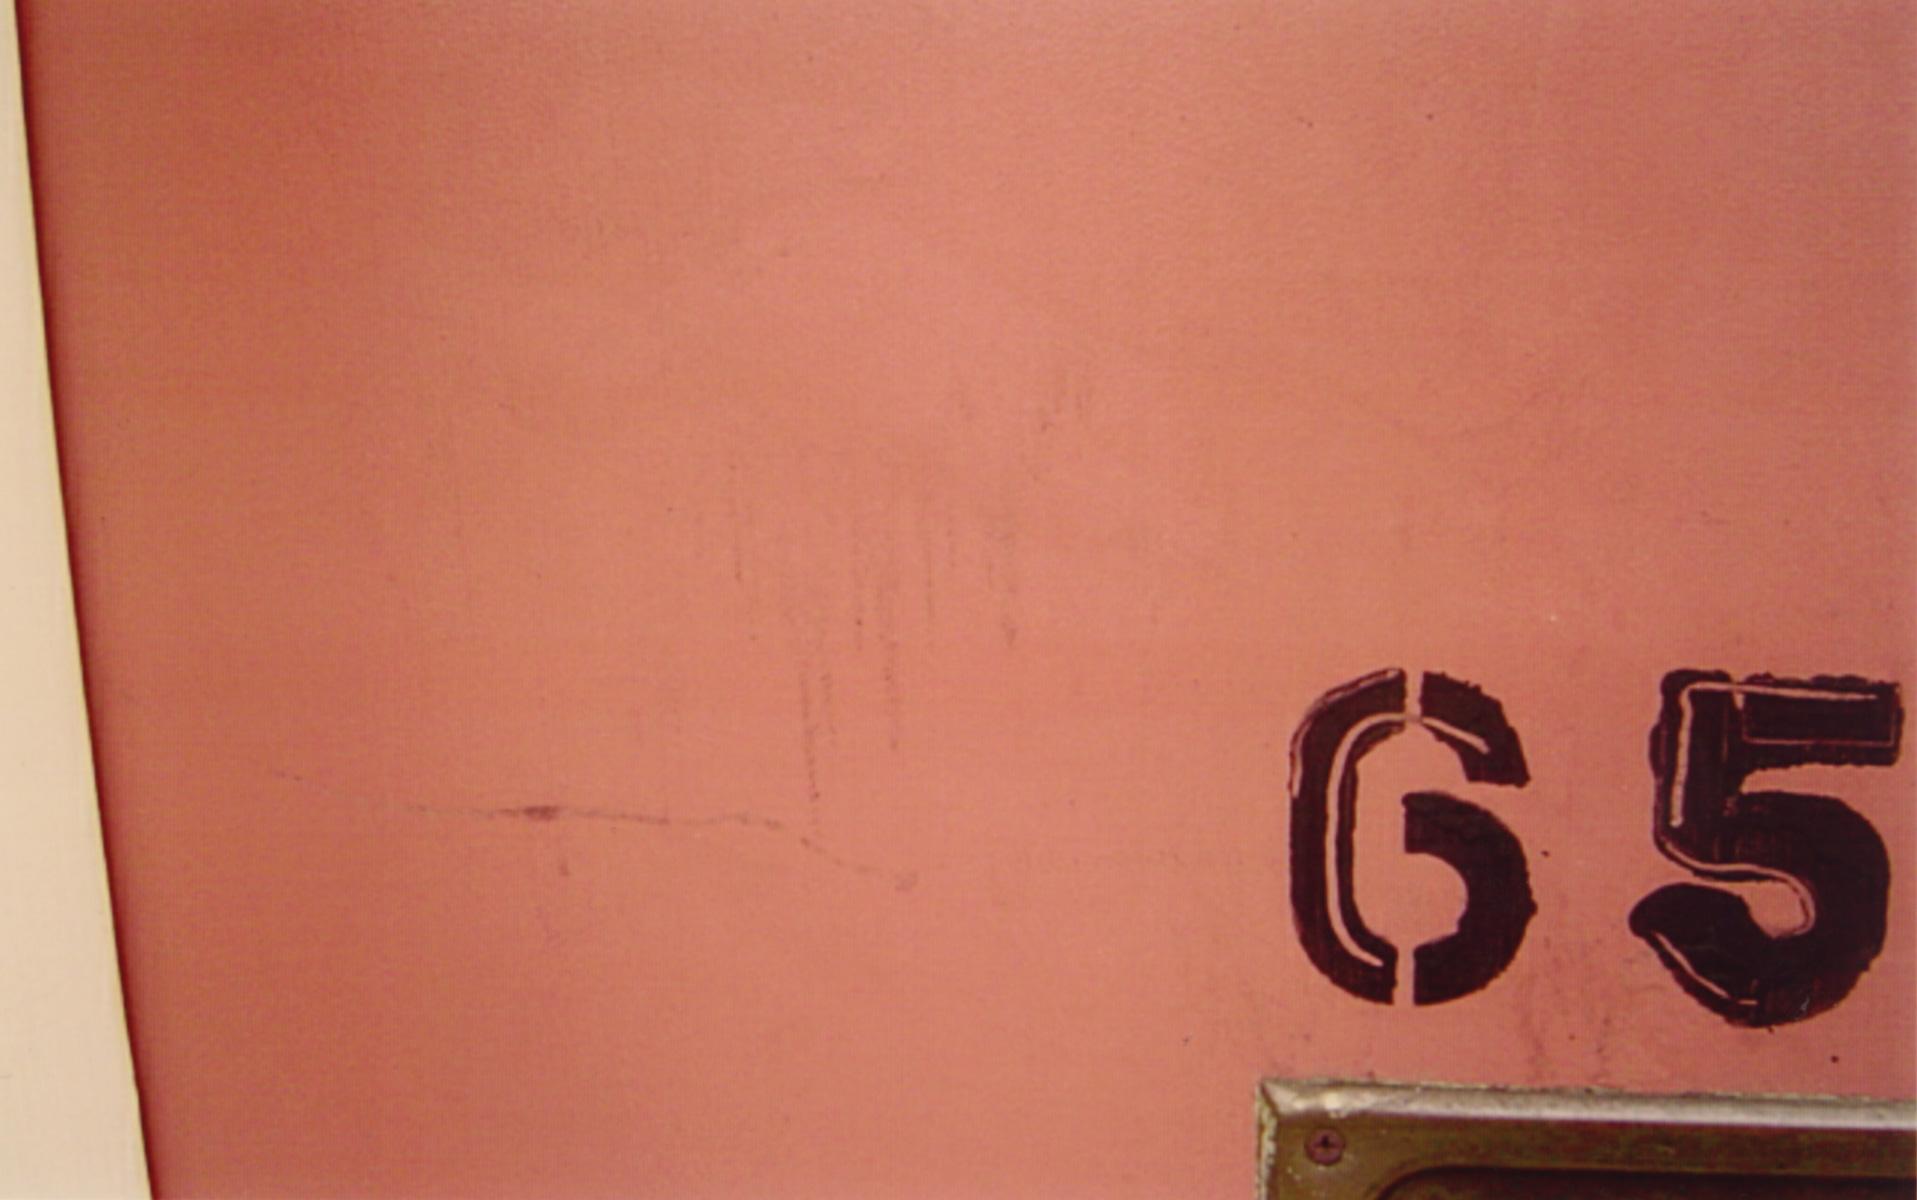 65, Bspo06, Door, Numbers, Paint, HQ Photo